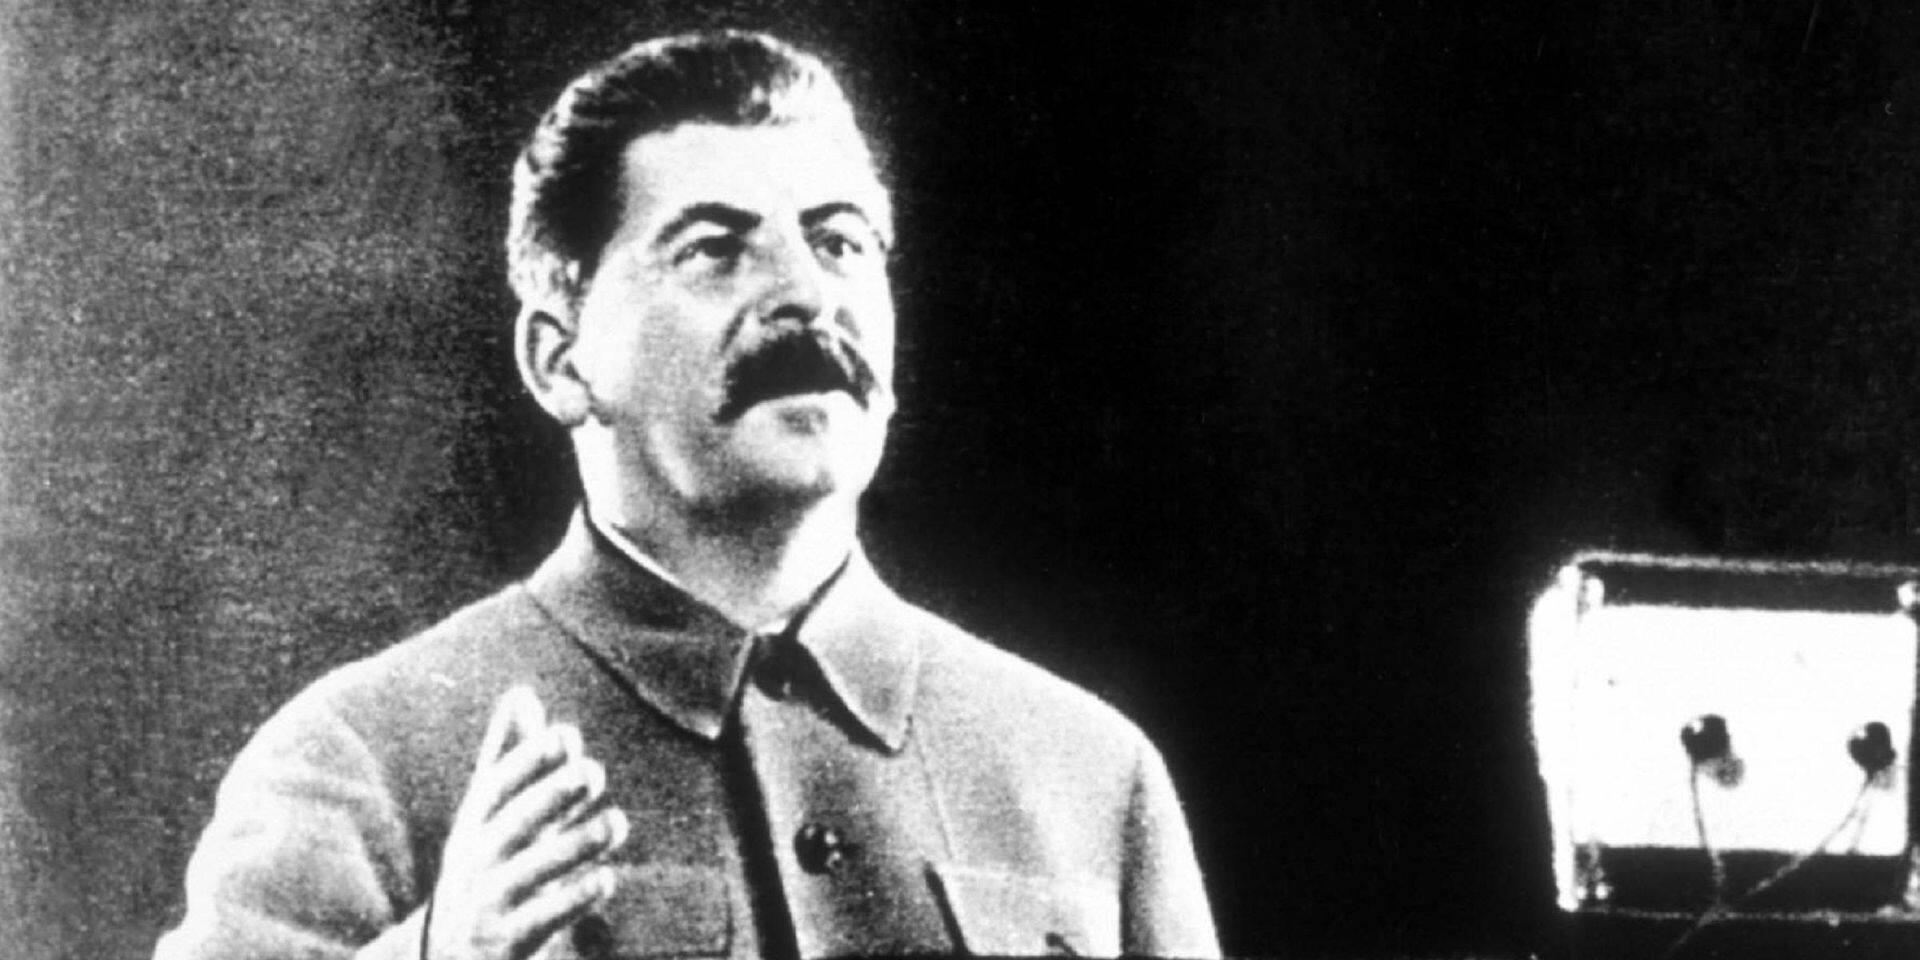 La famine de Staline pour briser l'Ukraine